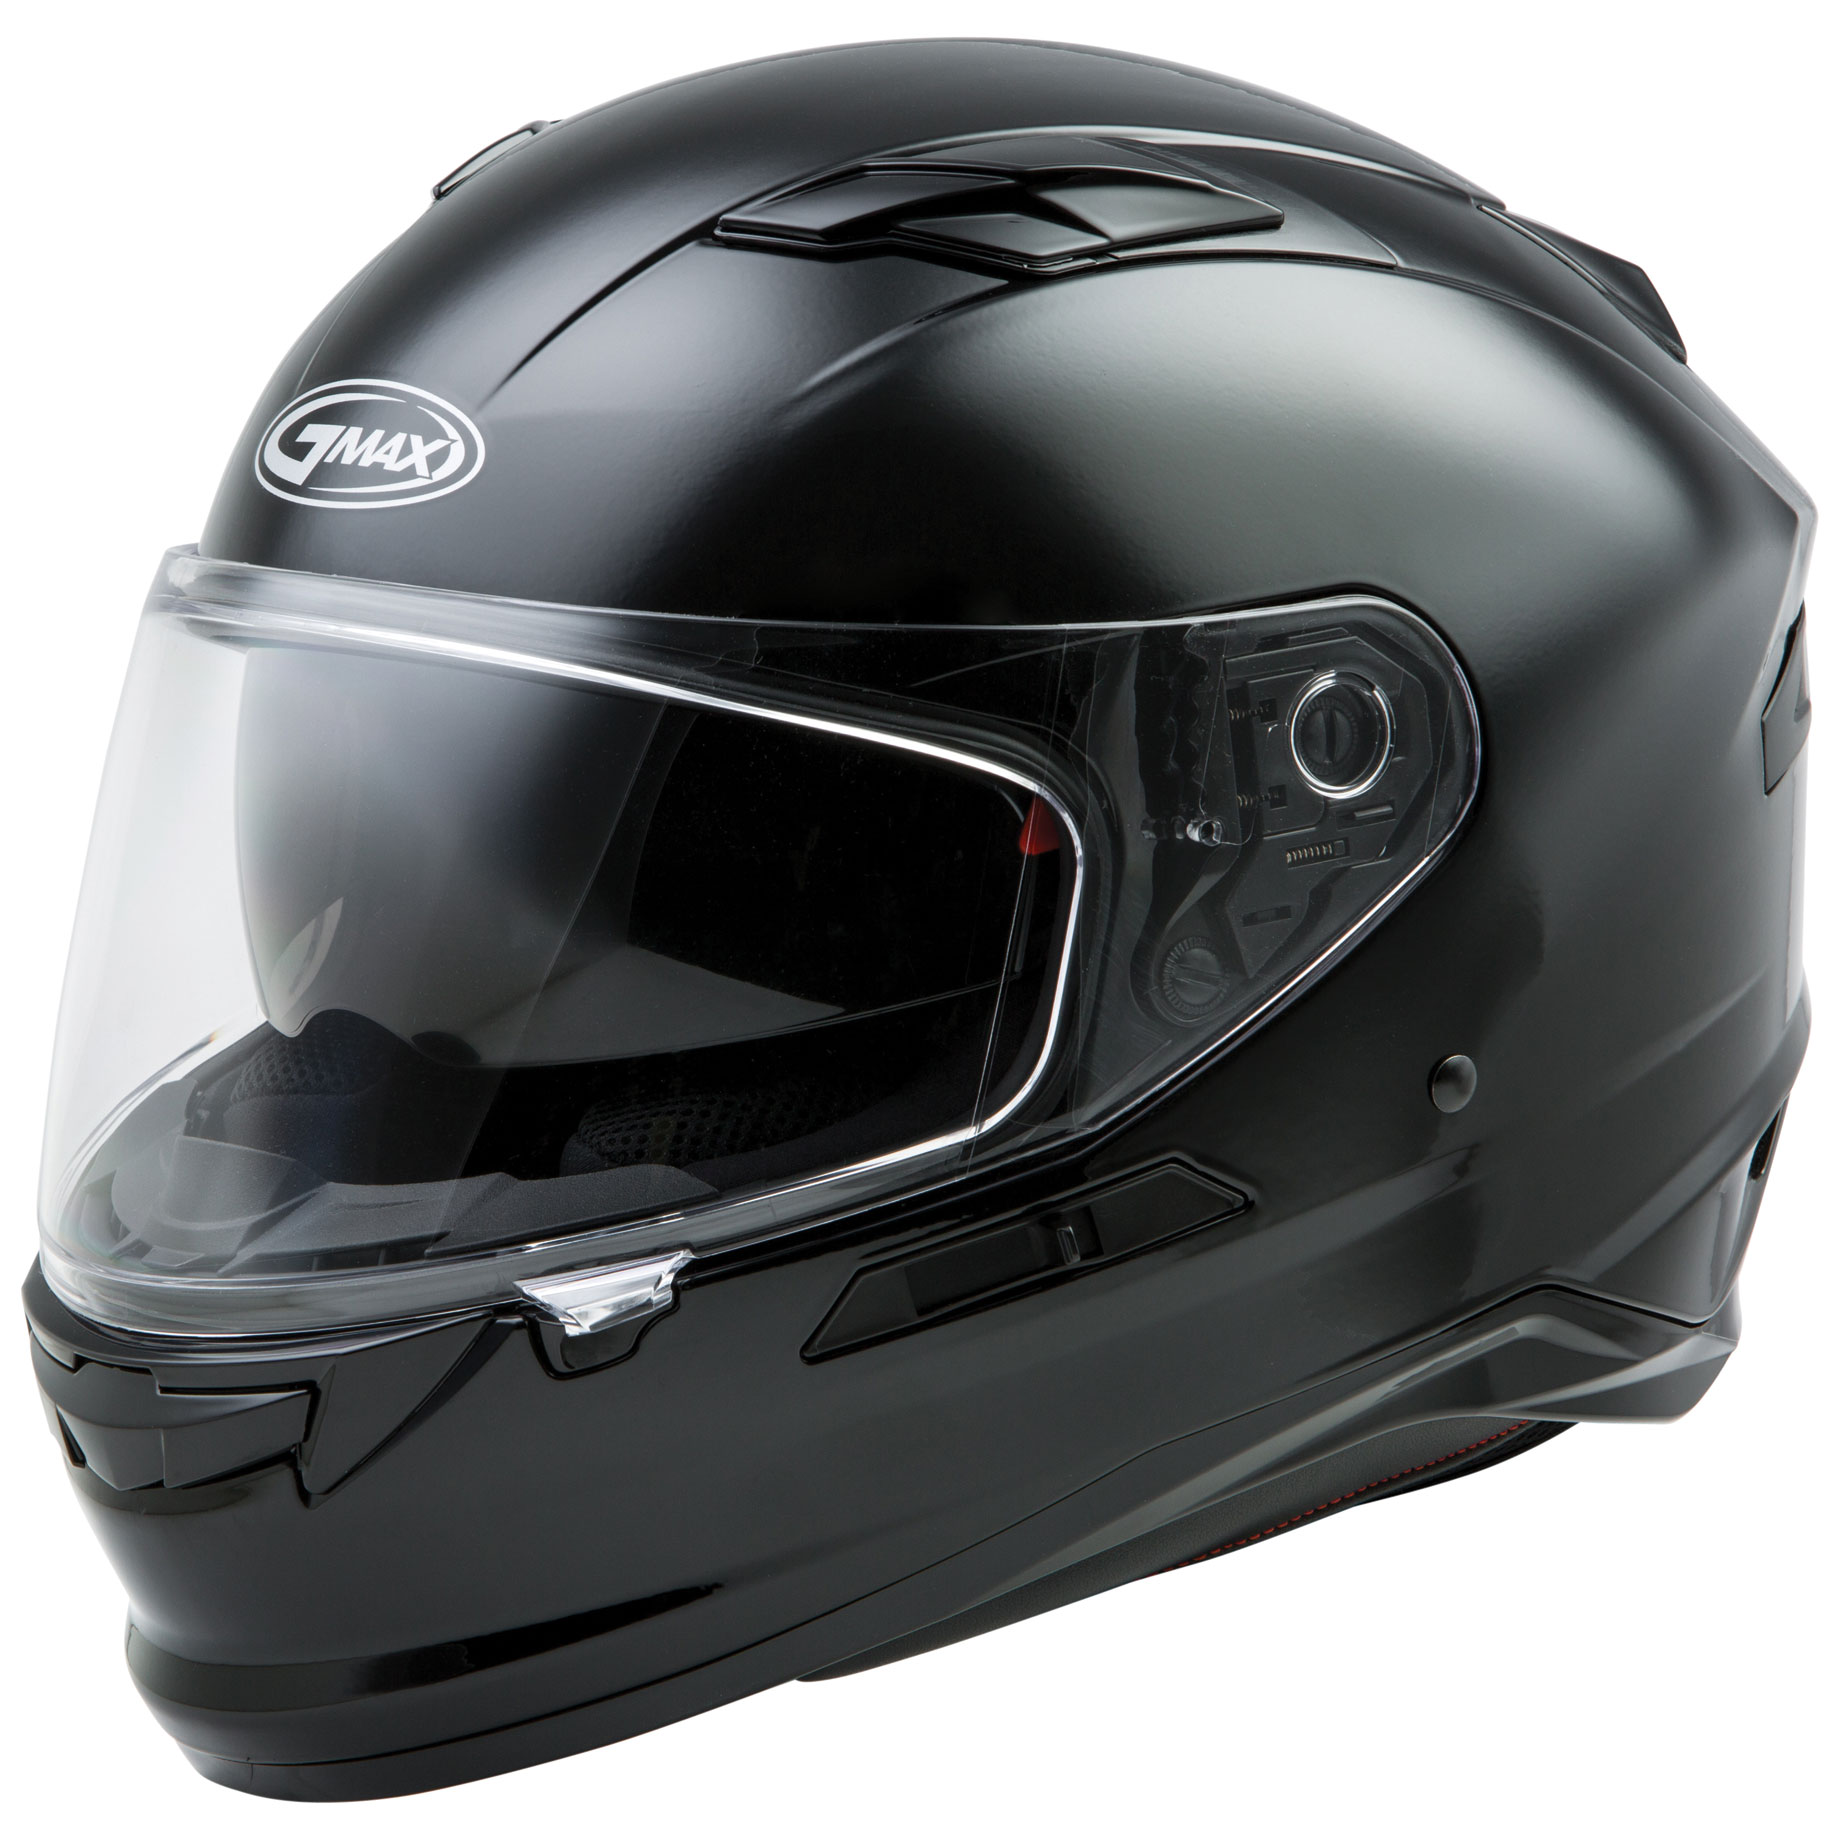 GMAX FF98 Gloss Black Full Face Helmet